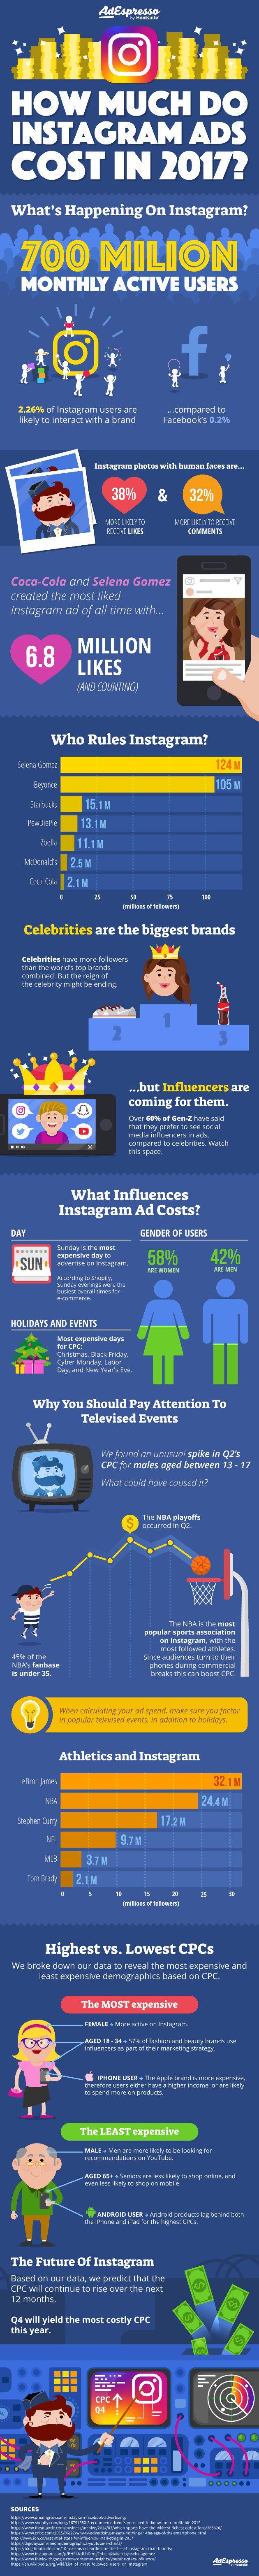 Instagram Advertising: Costs, Trends, Demographics